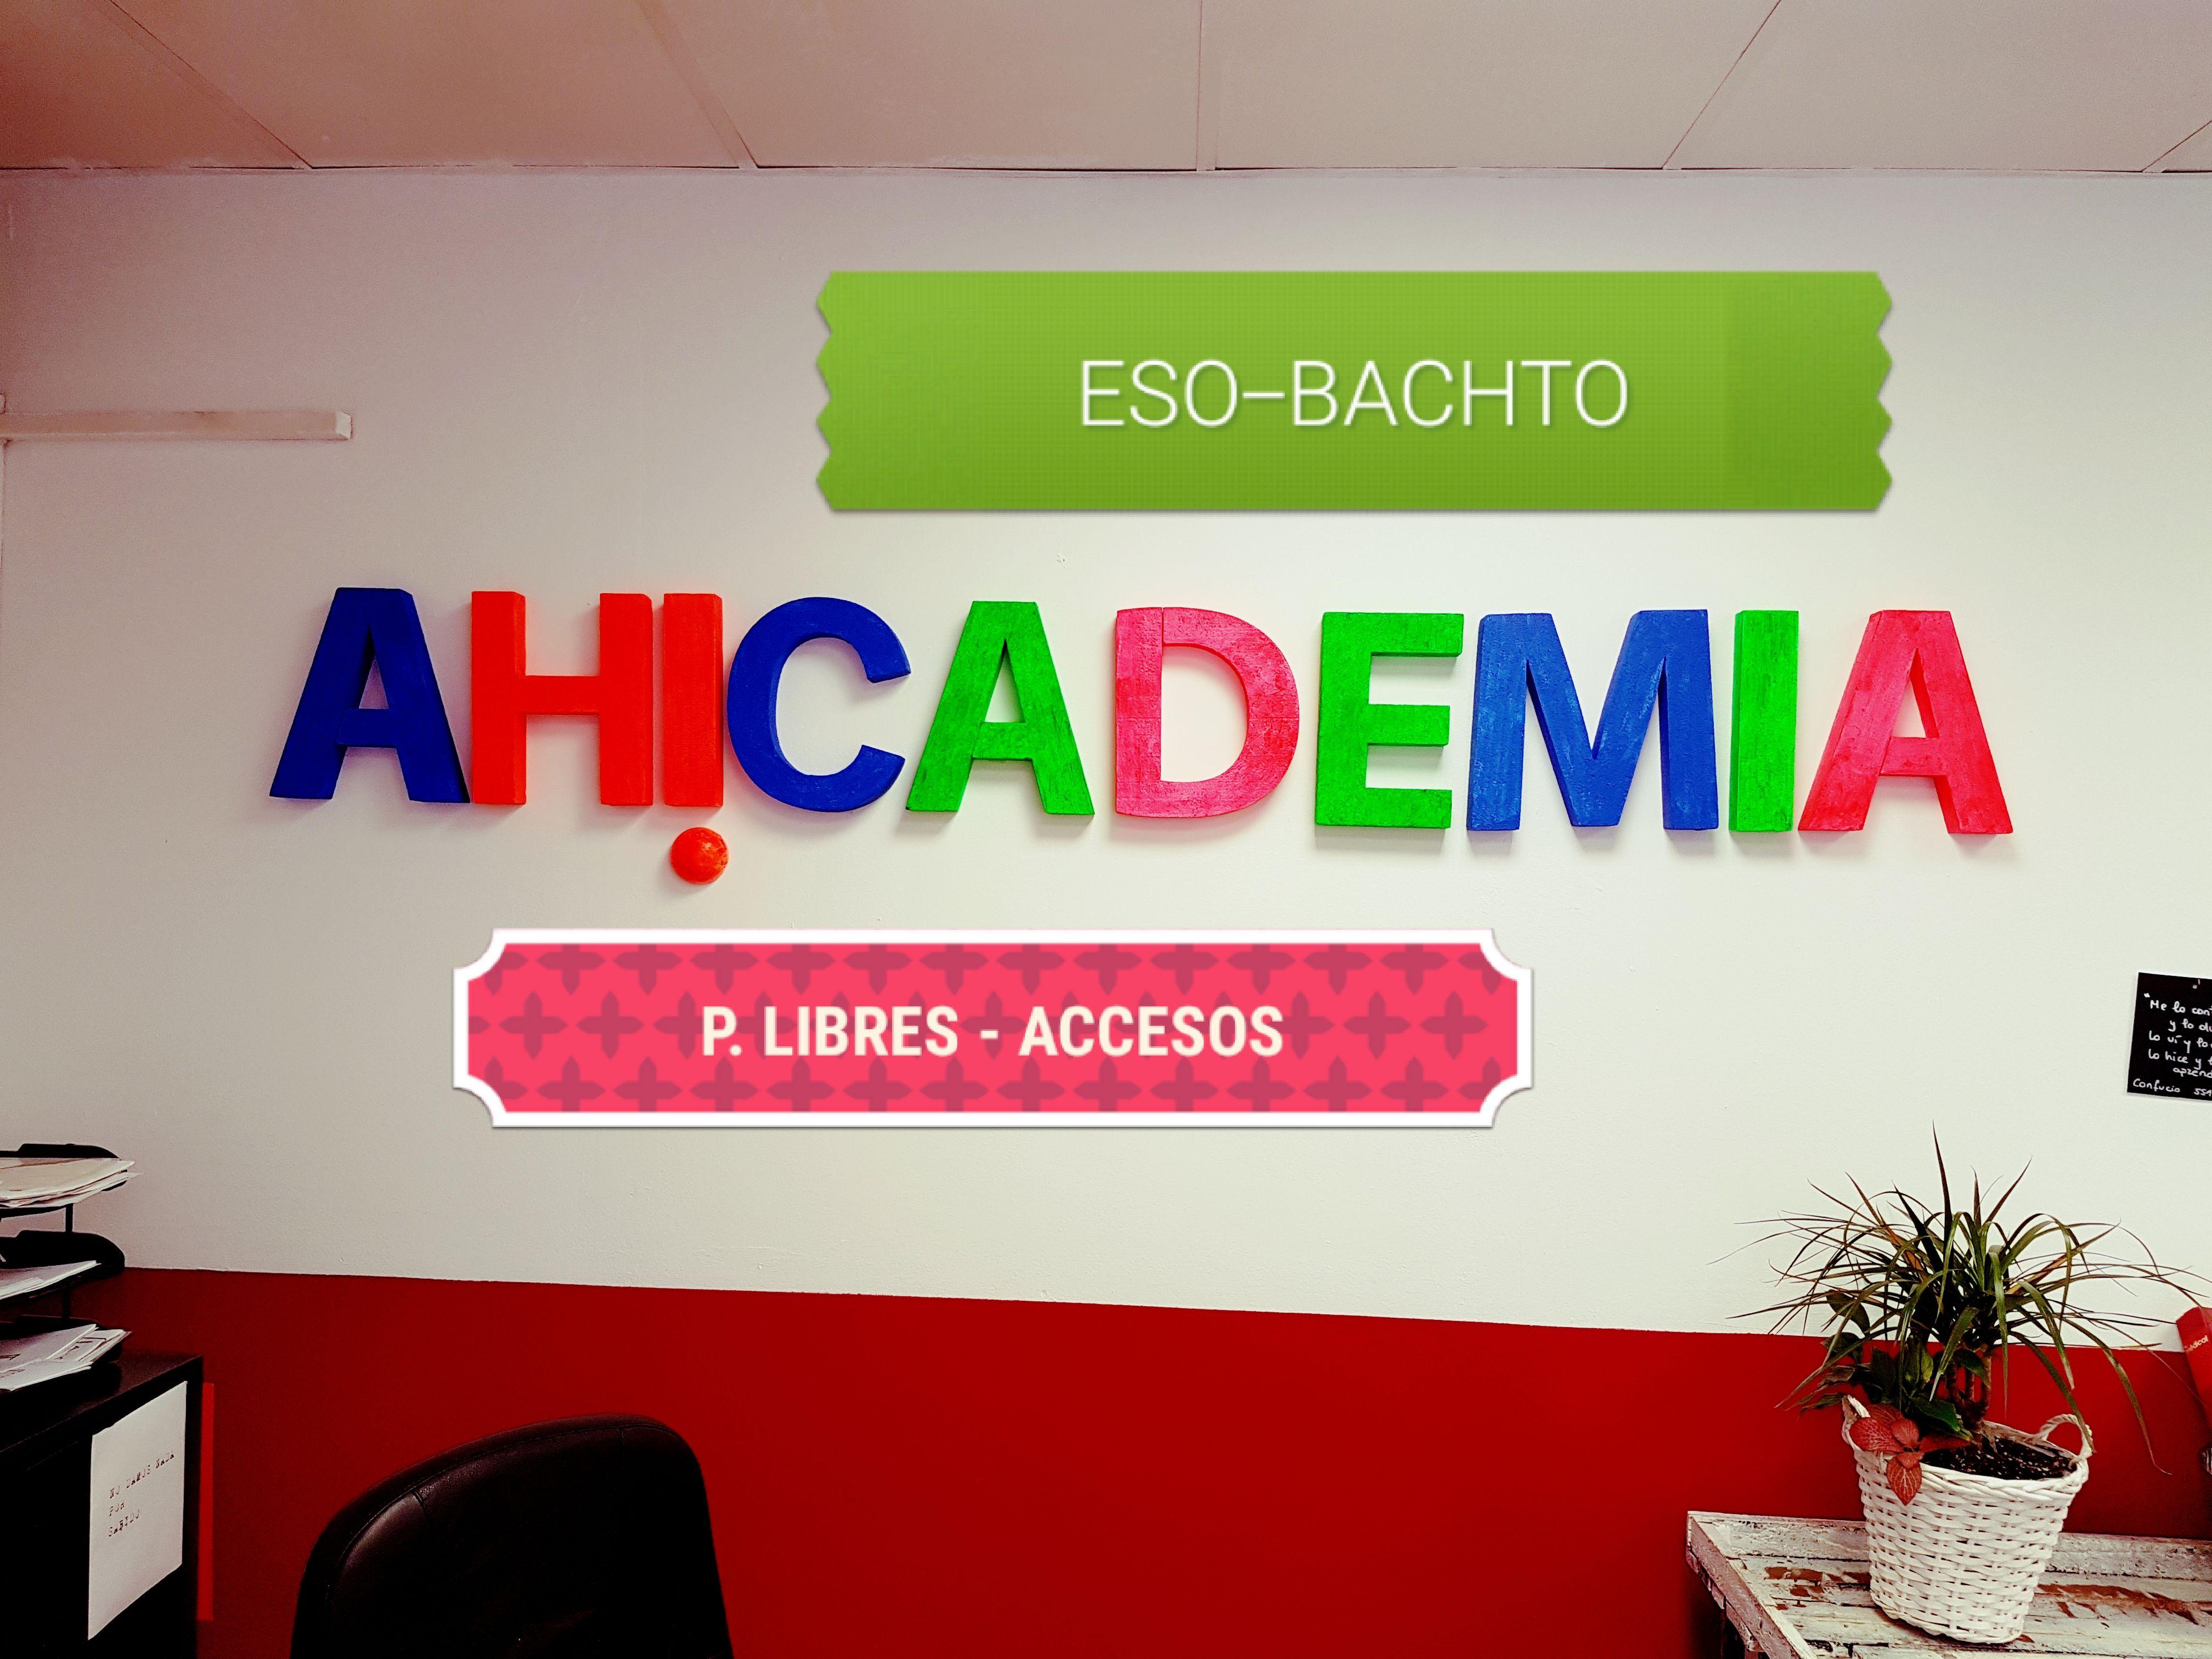 Centro de Estudios Ah!cademia